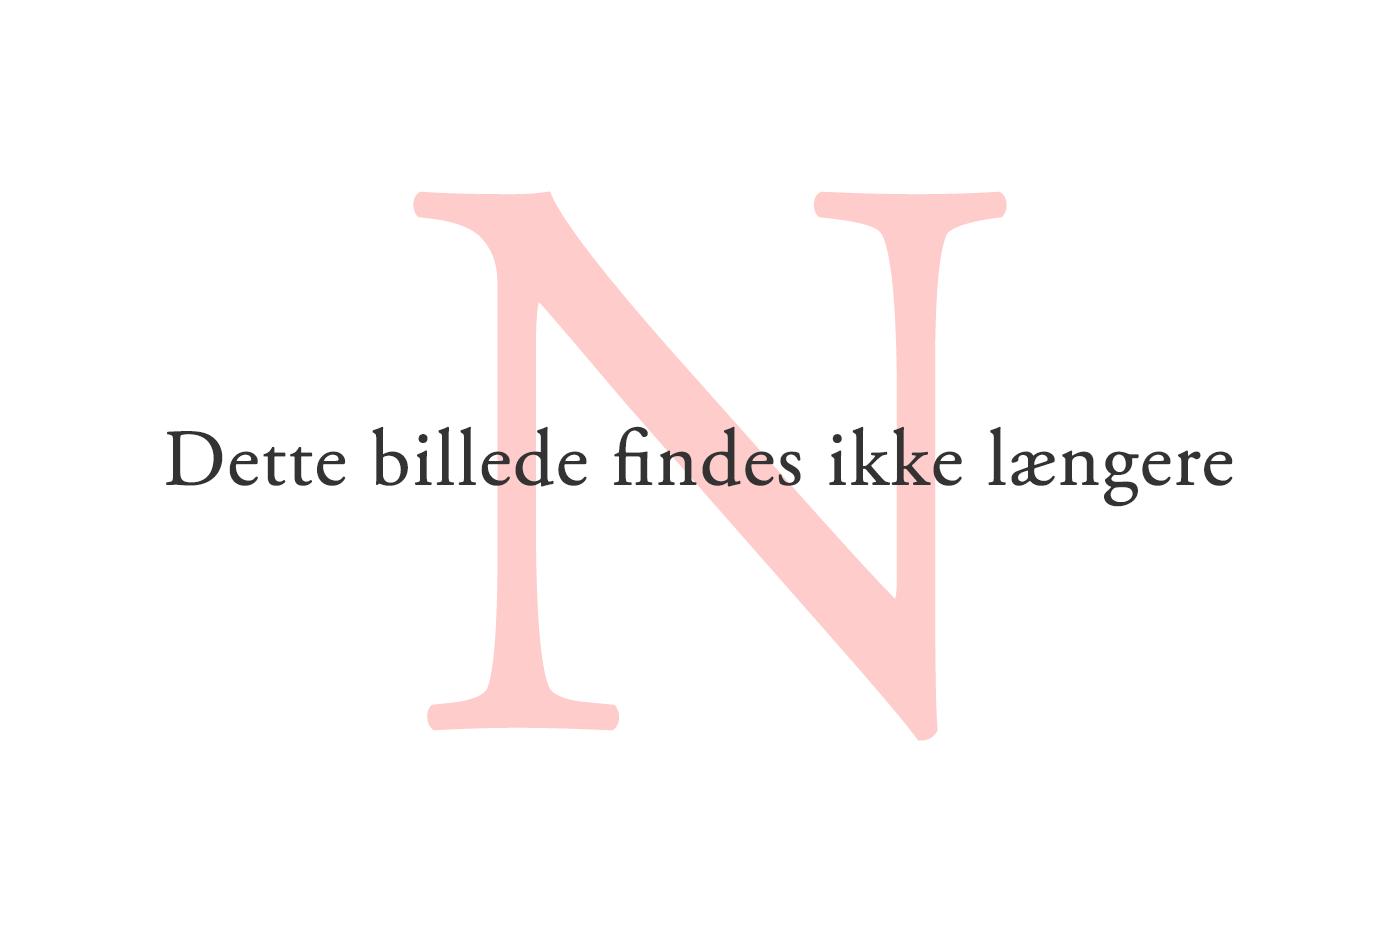 Kritik af reklamer på københavnske bycykler